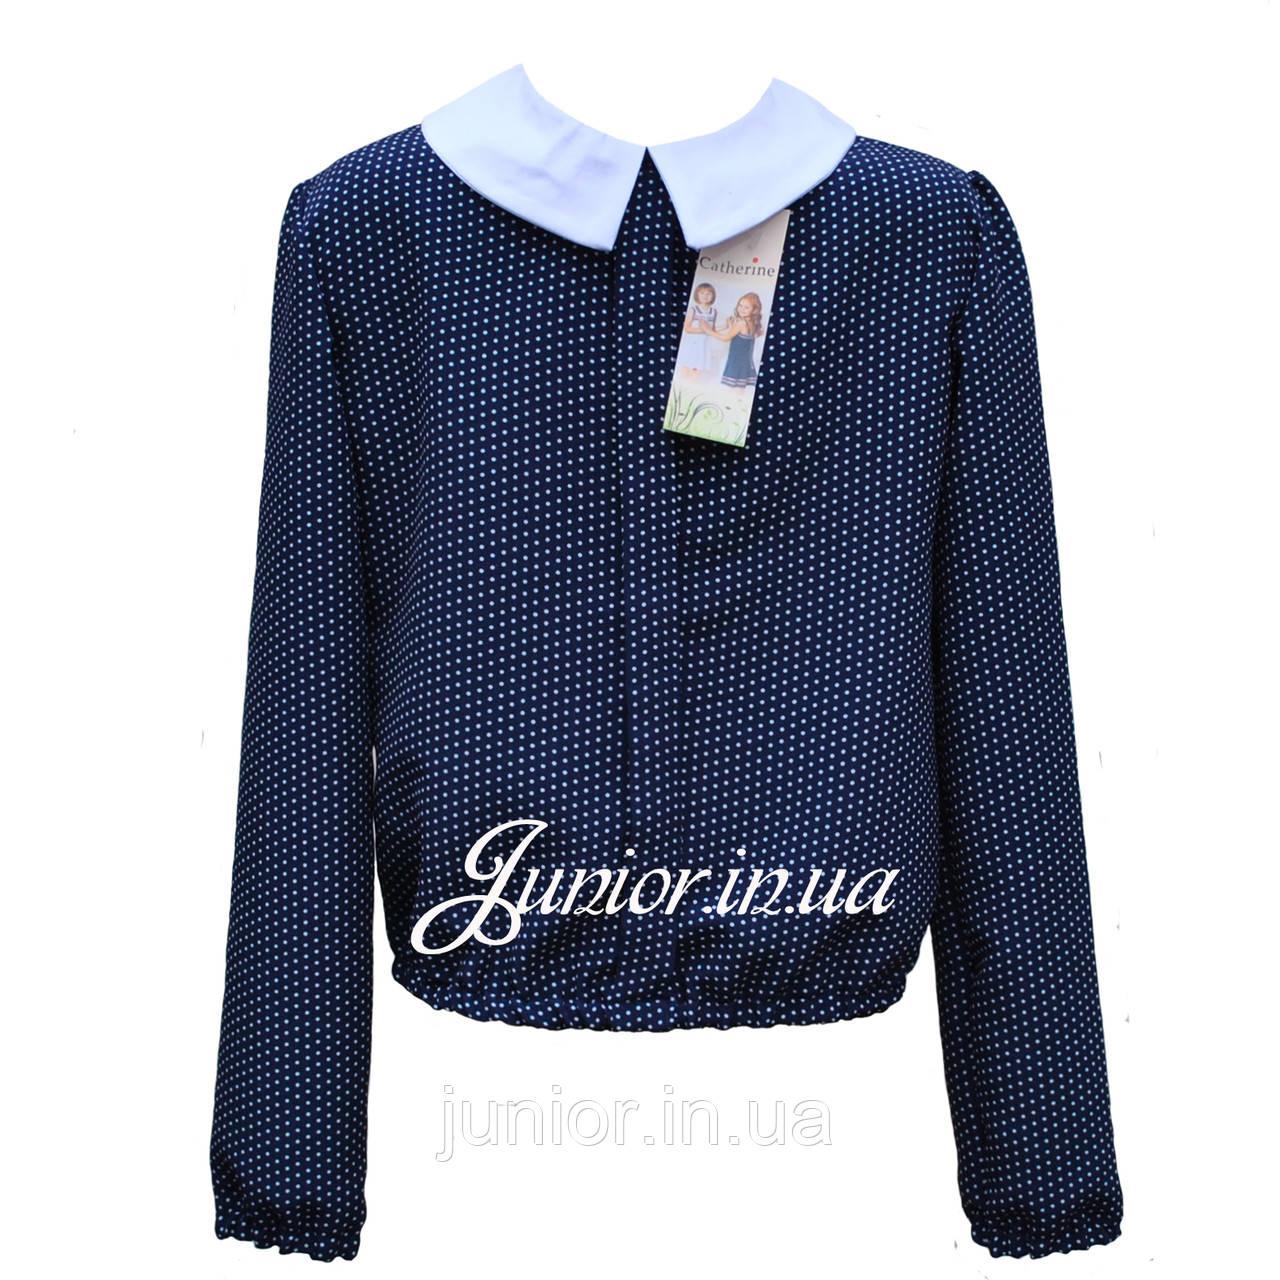 b1c86fbf4f5 Школьная блуза в горошек для девочки.Catherine (Польша)  продажа ...